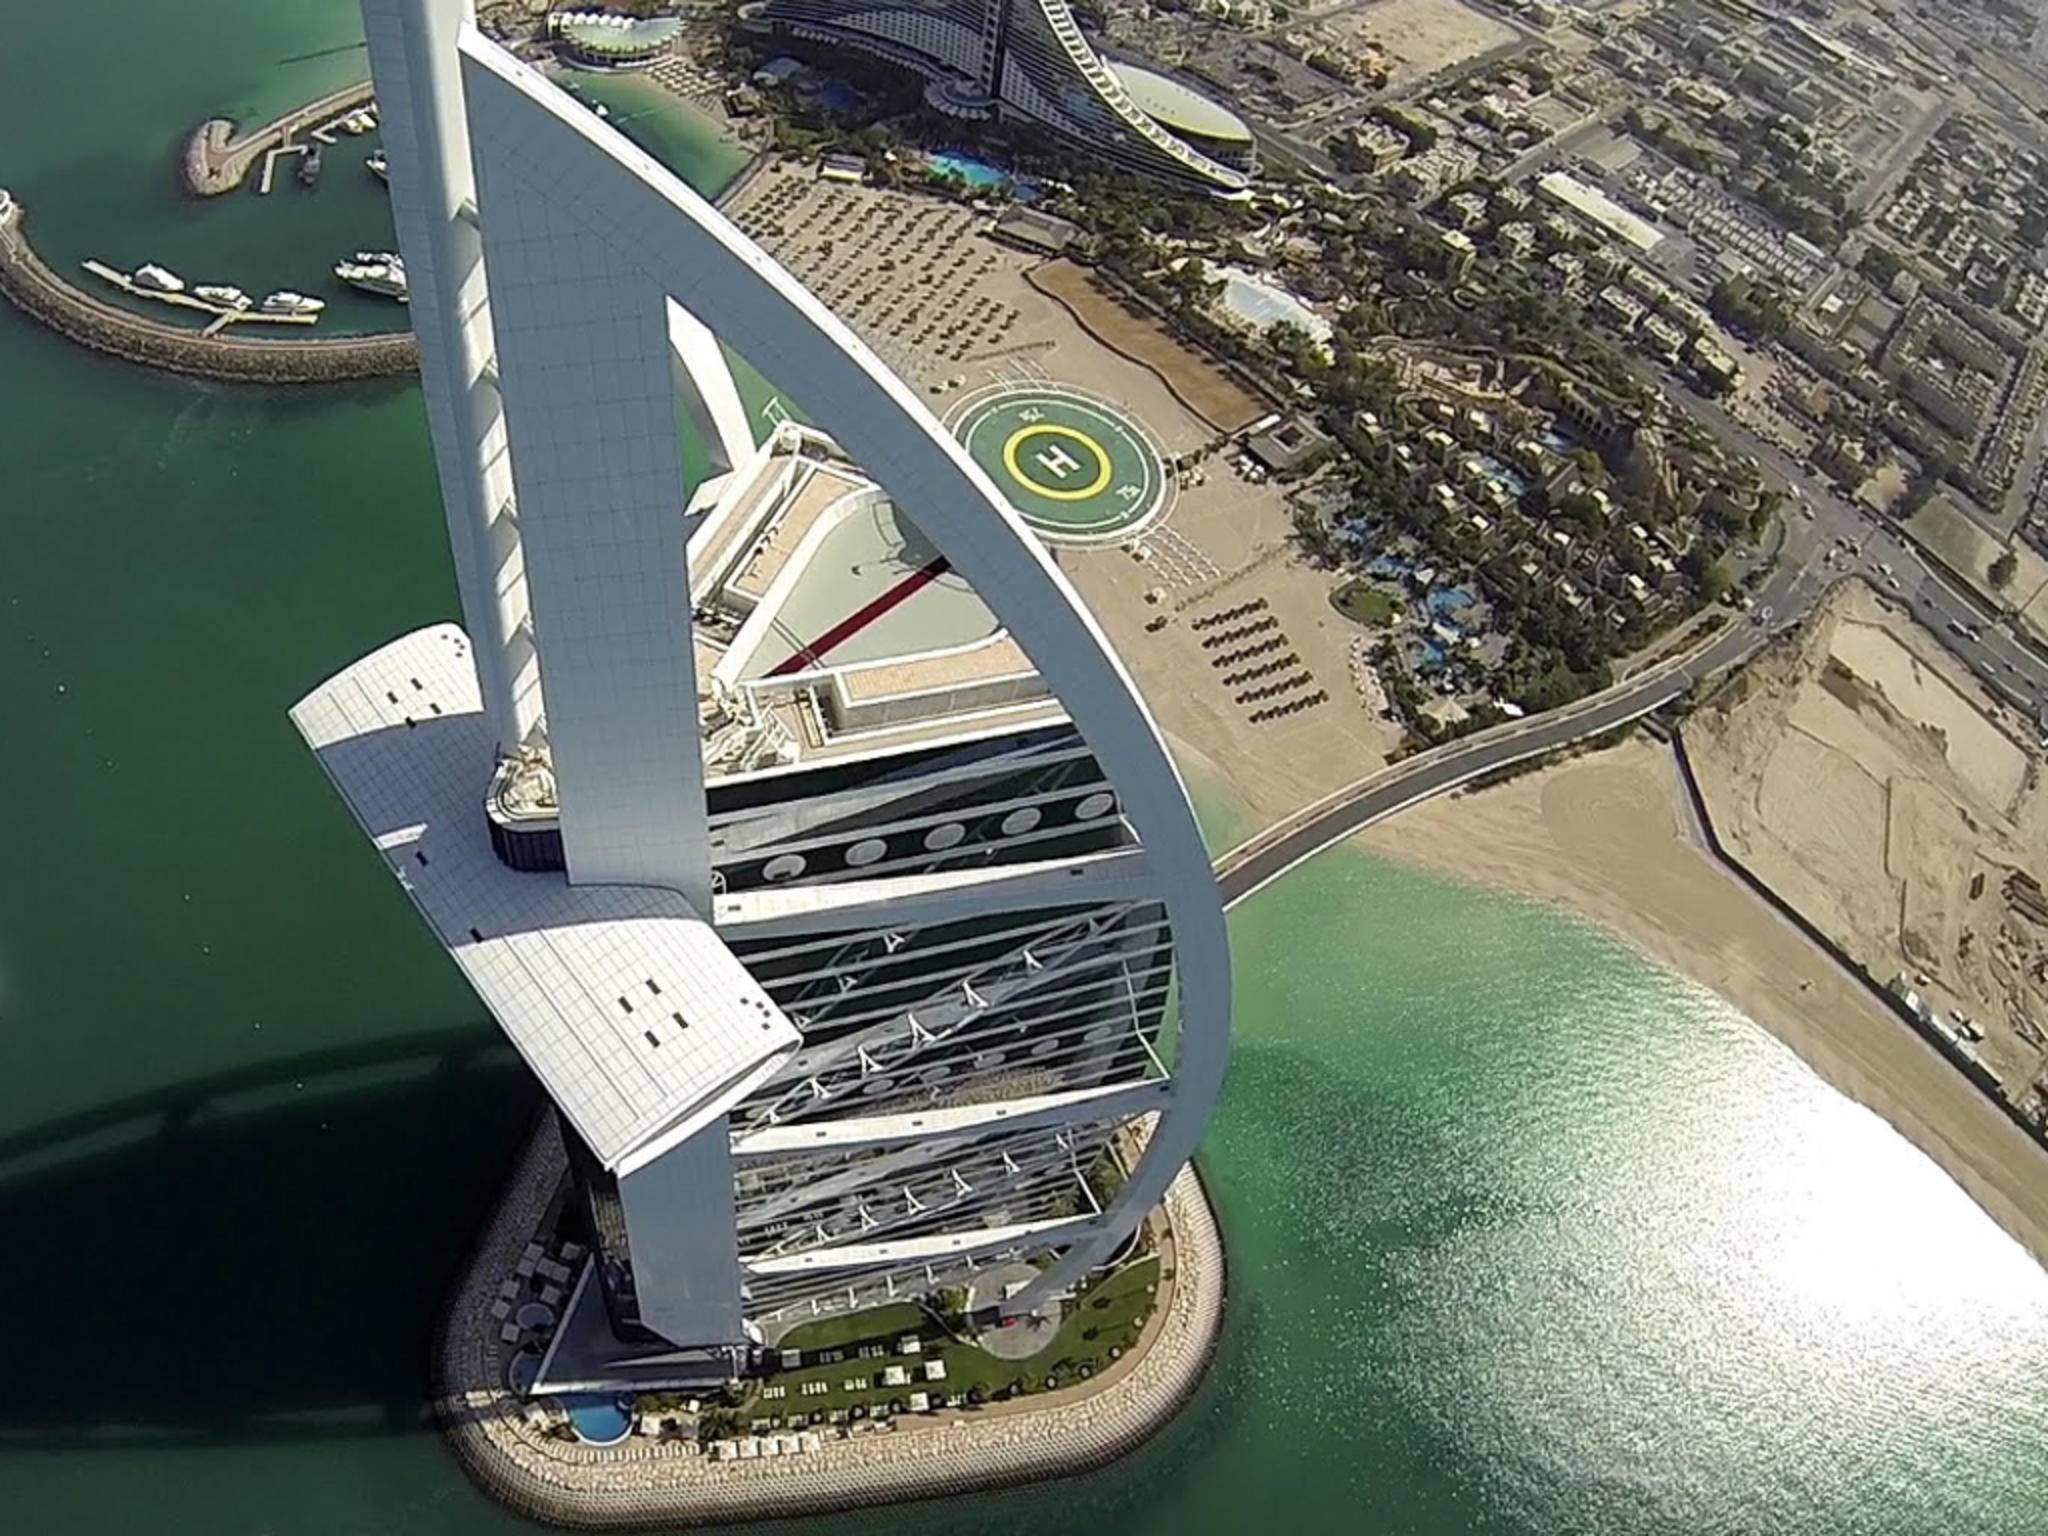 Das Burj al Arab aus der Sicht einer Drohne.